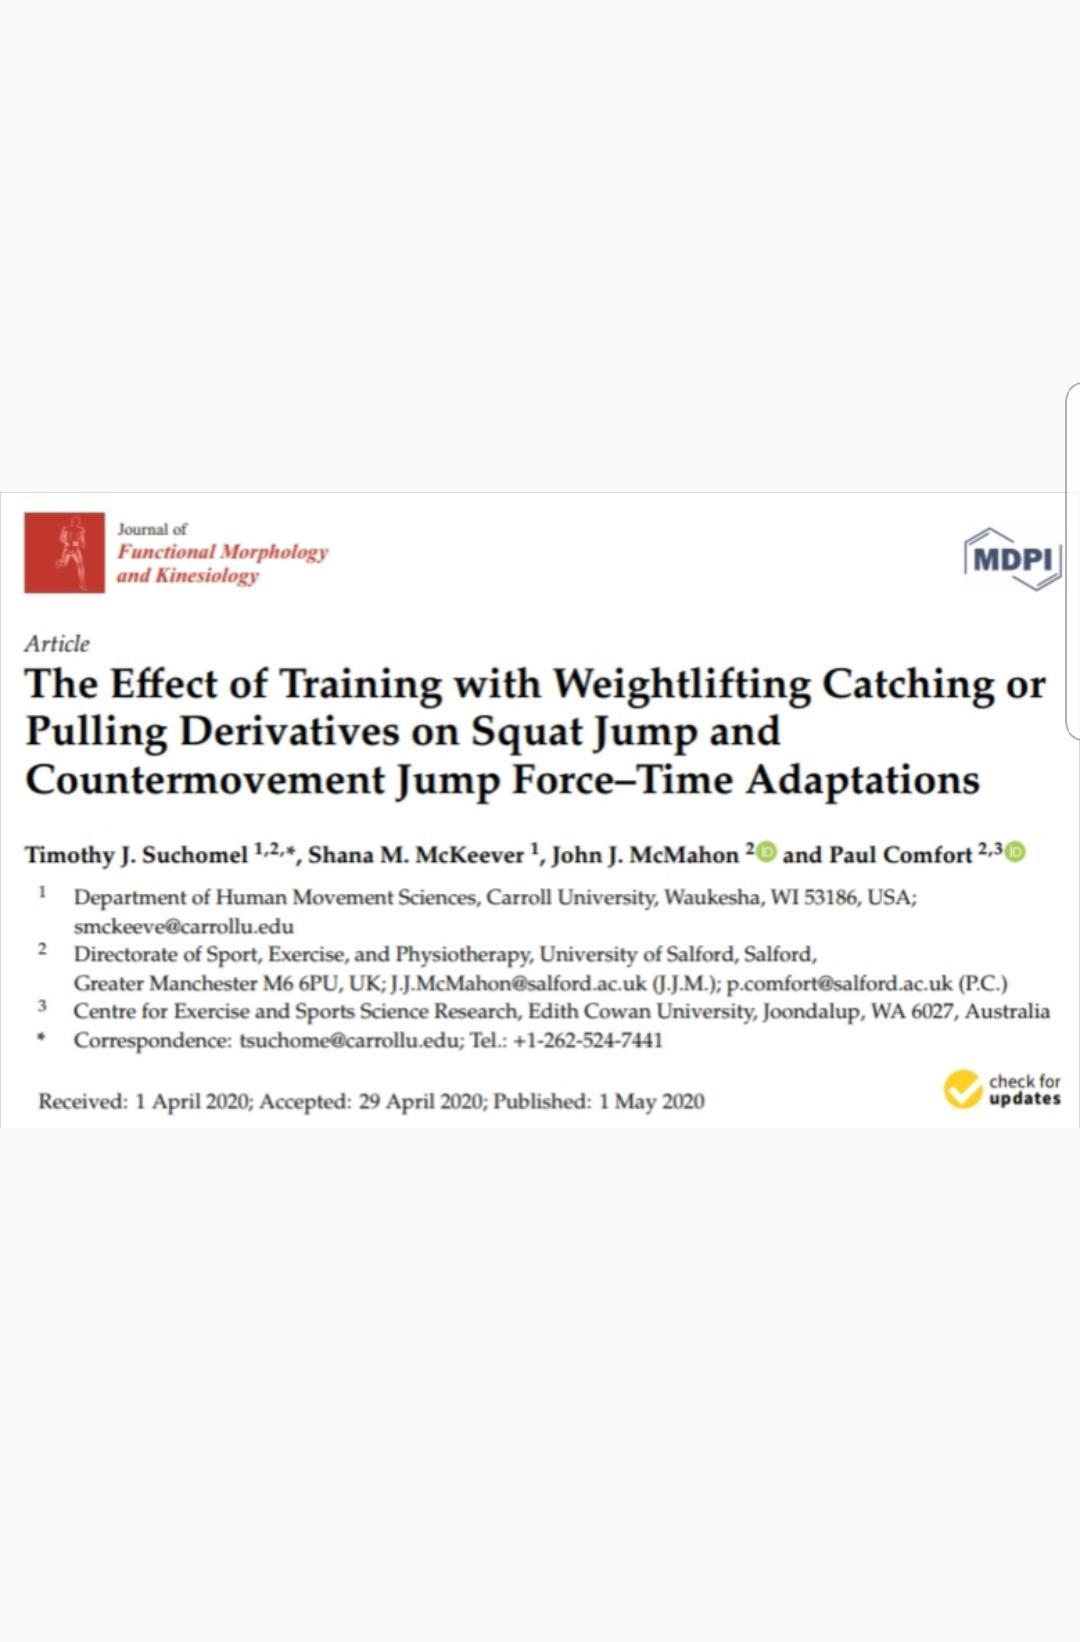 O efeito do treinamento com levantamento de pesos(